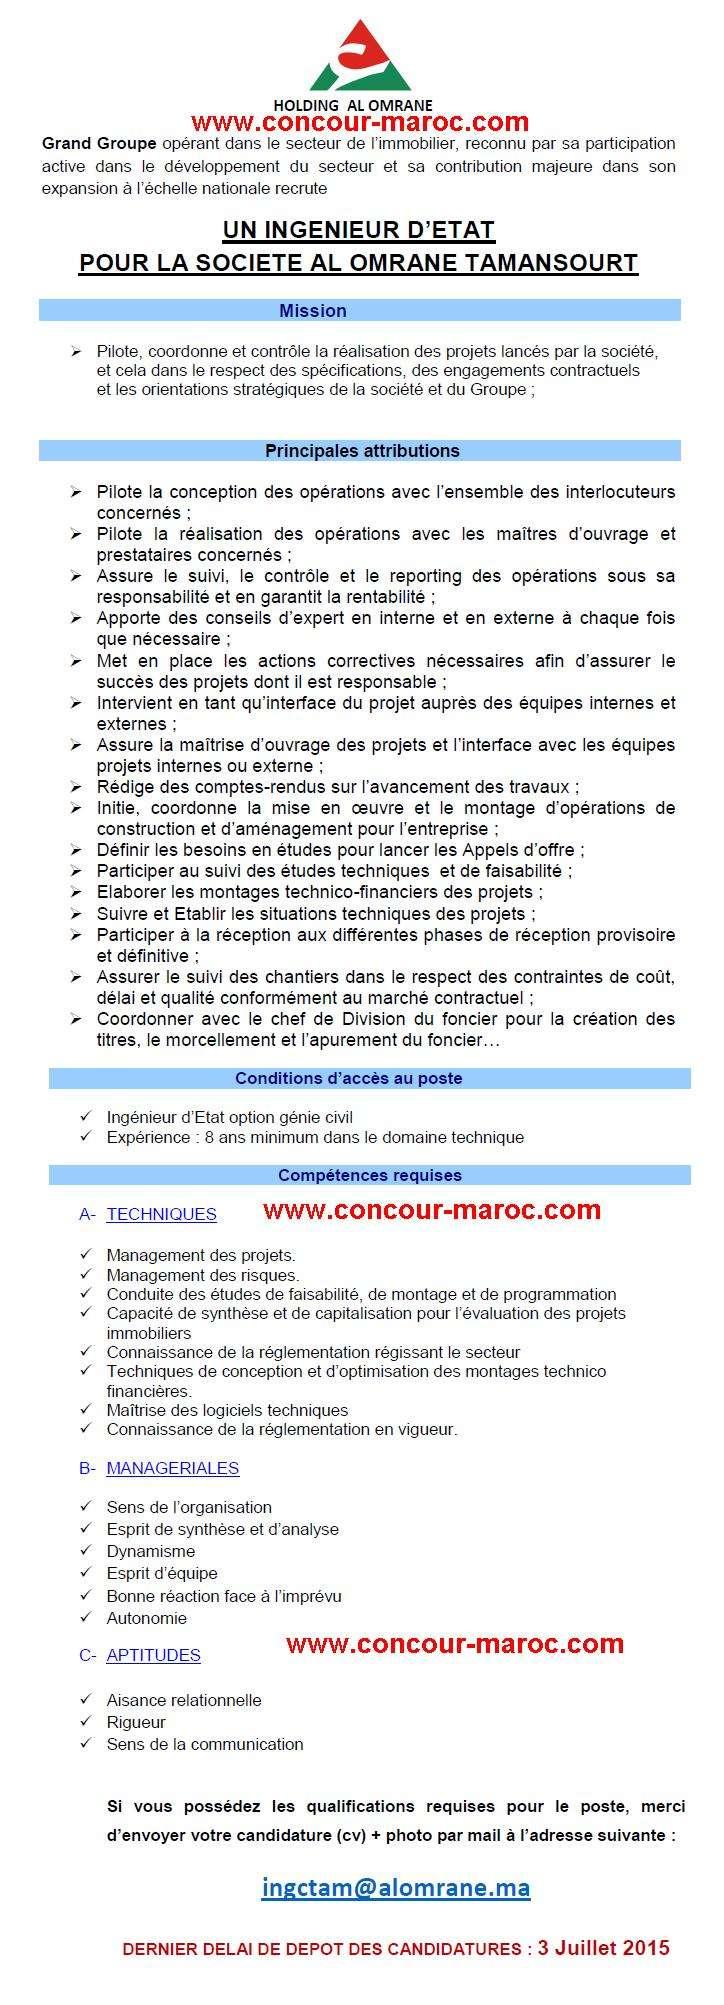 مجموعة التهيئة العمران : مباراة لتوظيف مهندس دولة (العمران تامنصورت) (1 منصب) آخر أجل لإيداع الترشيحات 3 يوليوز 2015 Concou28